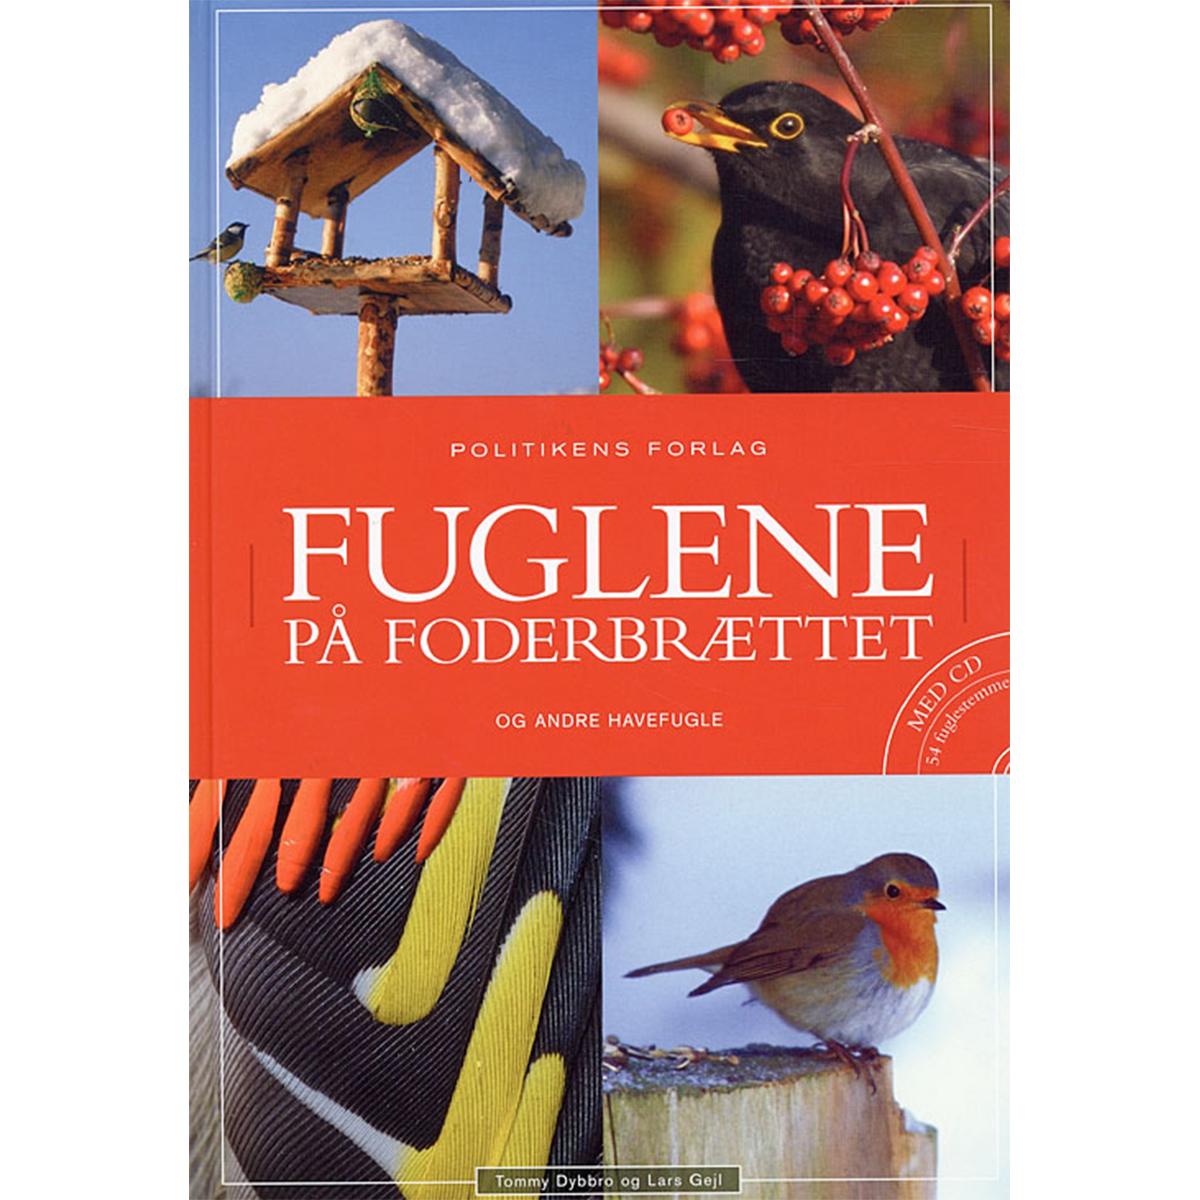 Billede af Fuglene på foderbrættet - og andre havefugle - Indbundet